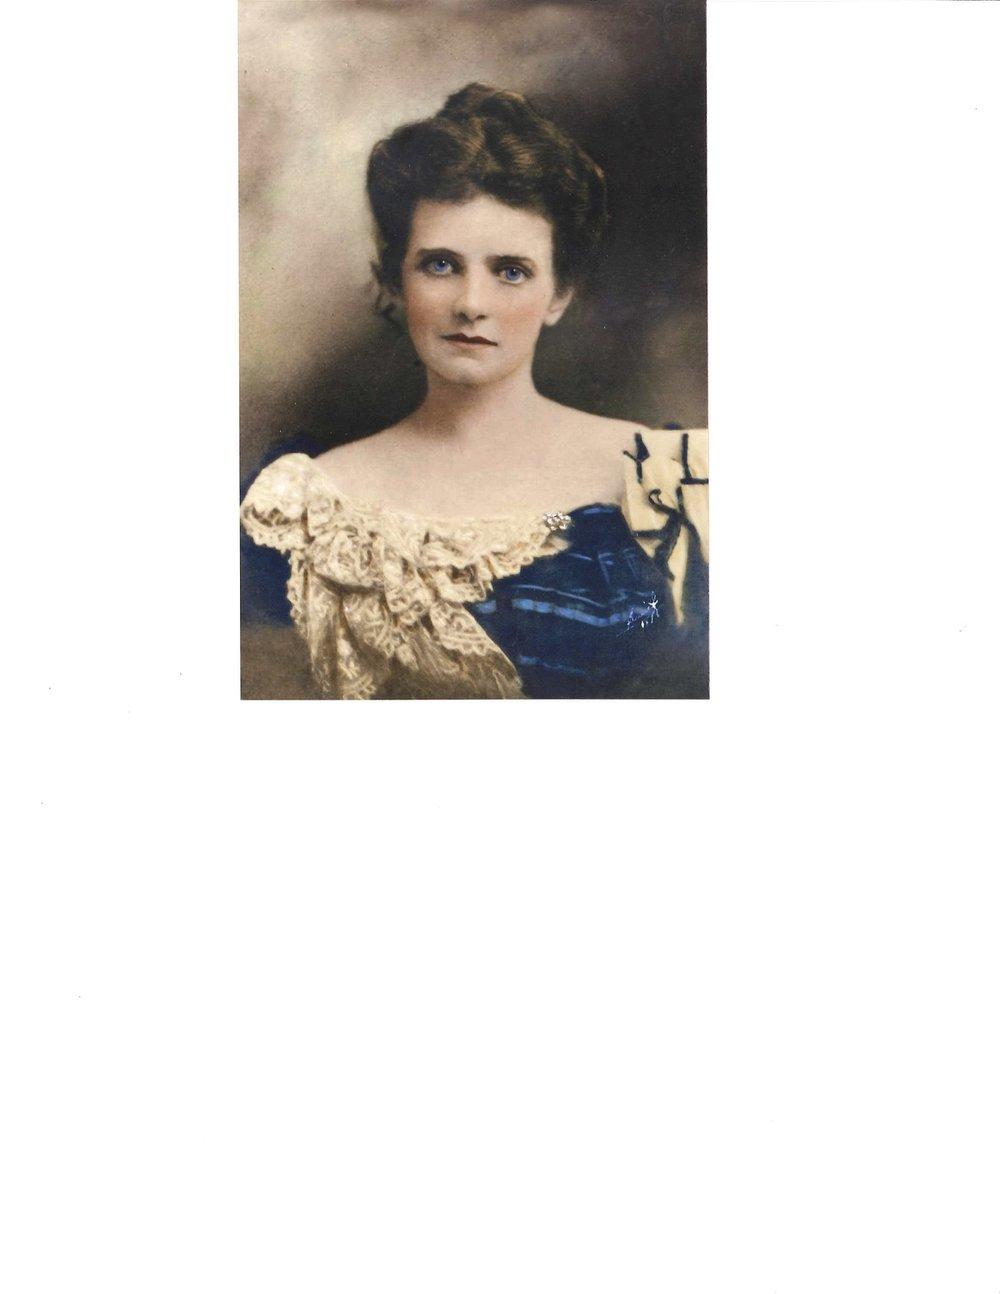 Cornelia Alice Norris